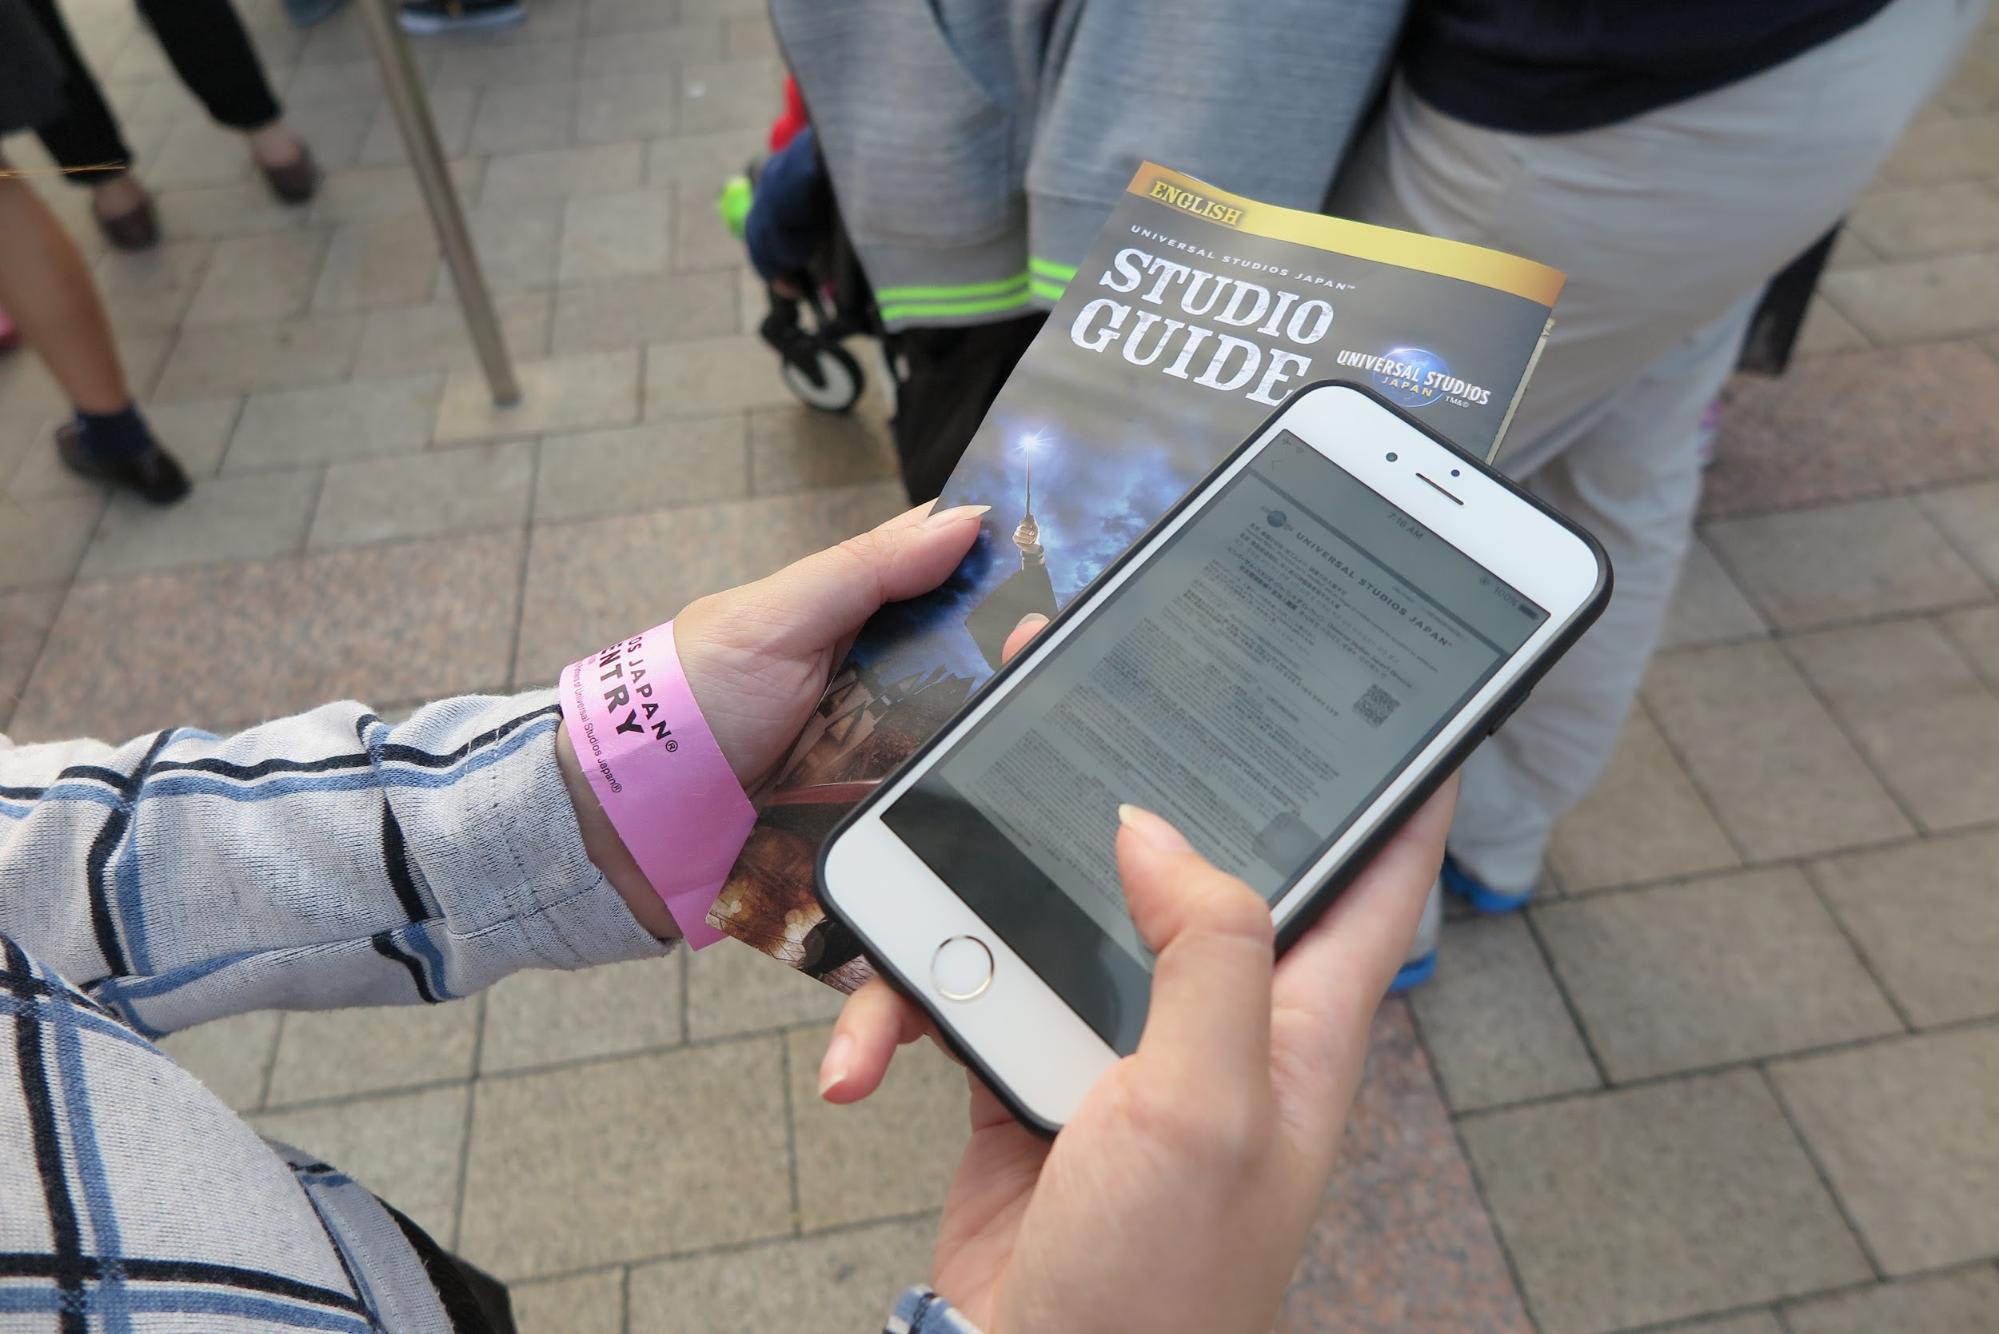 Thẻ Thông Hành Royal Express Universal Studios Japan là một trong 10 hoạt động tại osaka được yêu thích